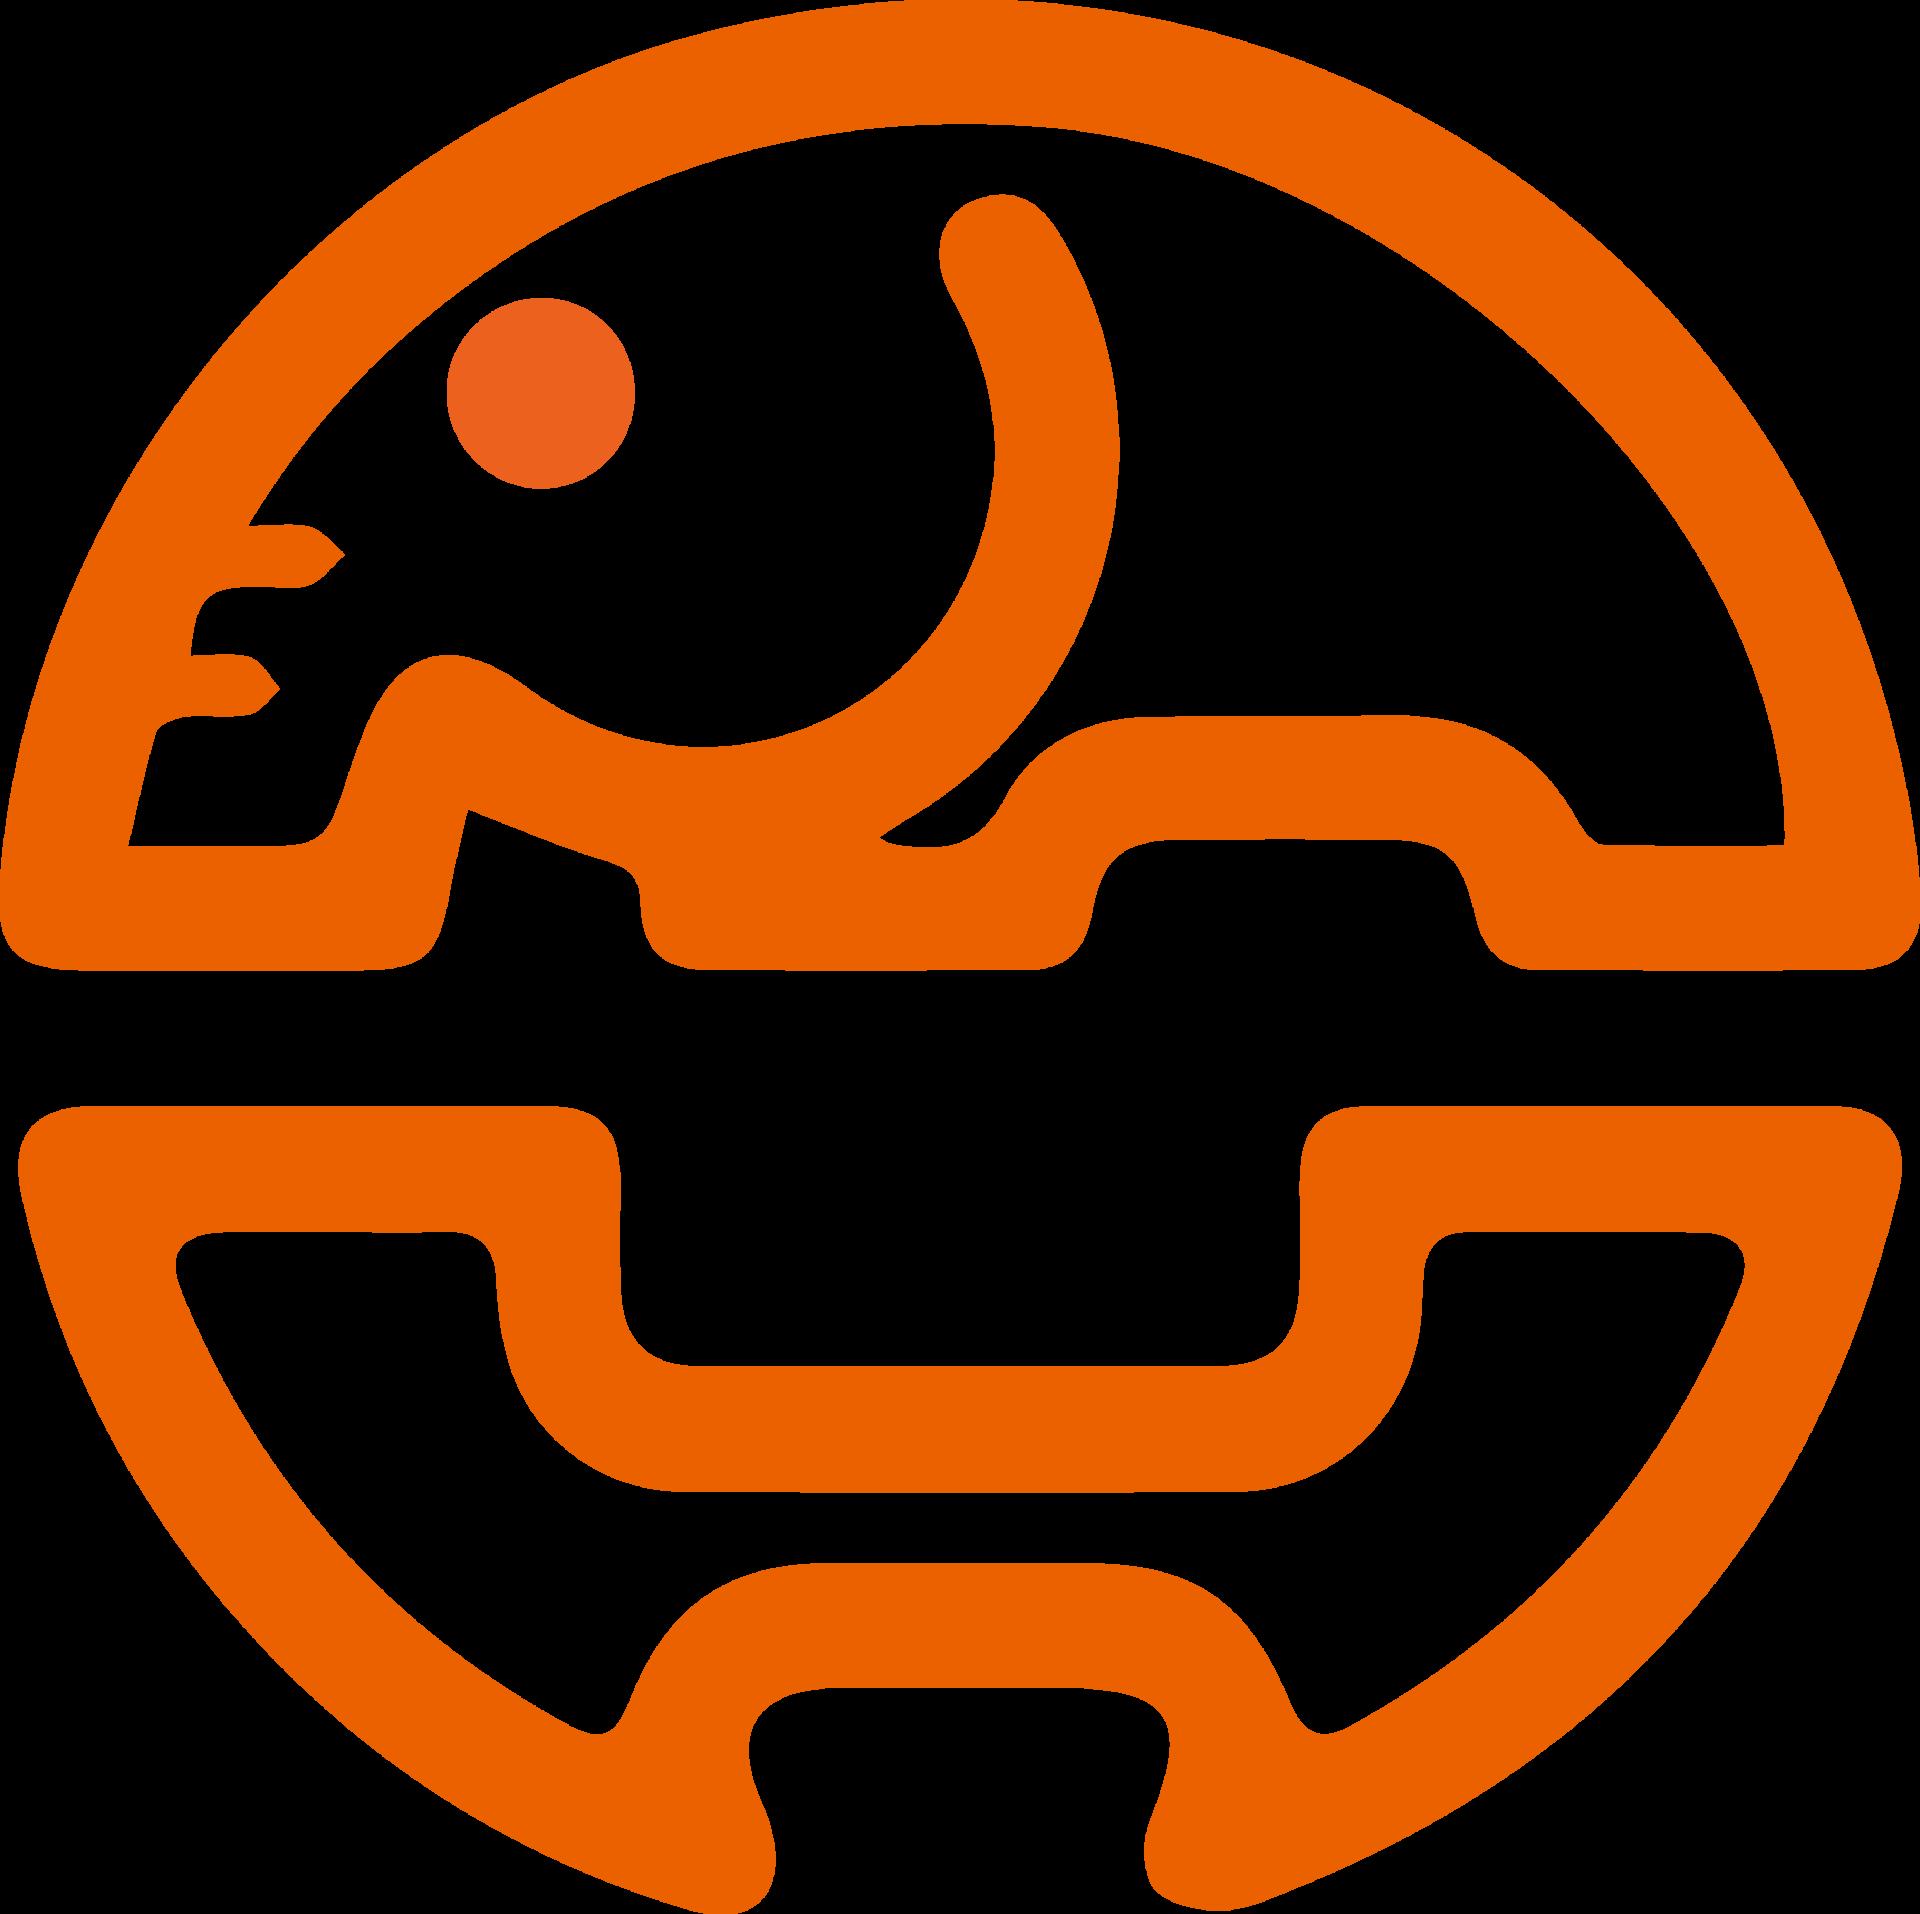 ほんまファミリークリニック ロゴ